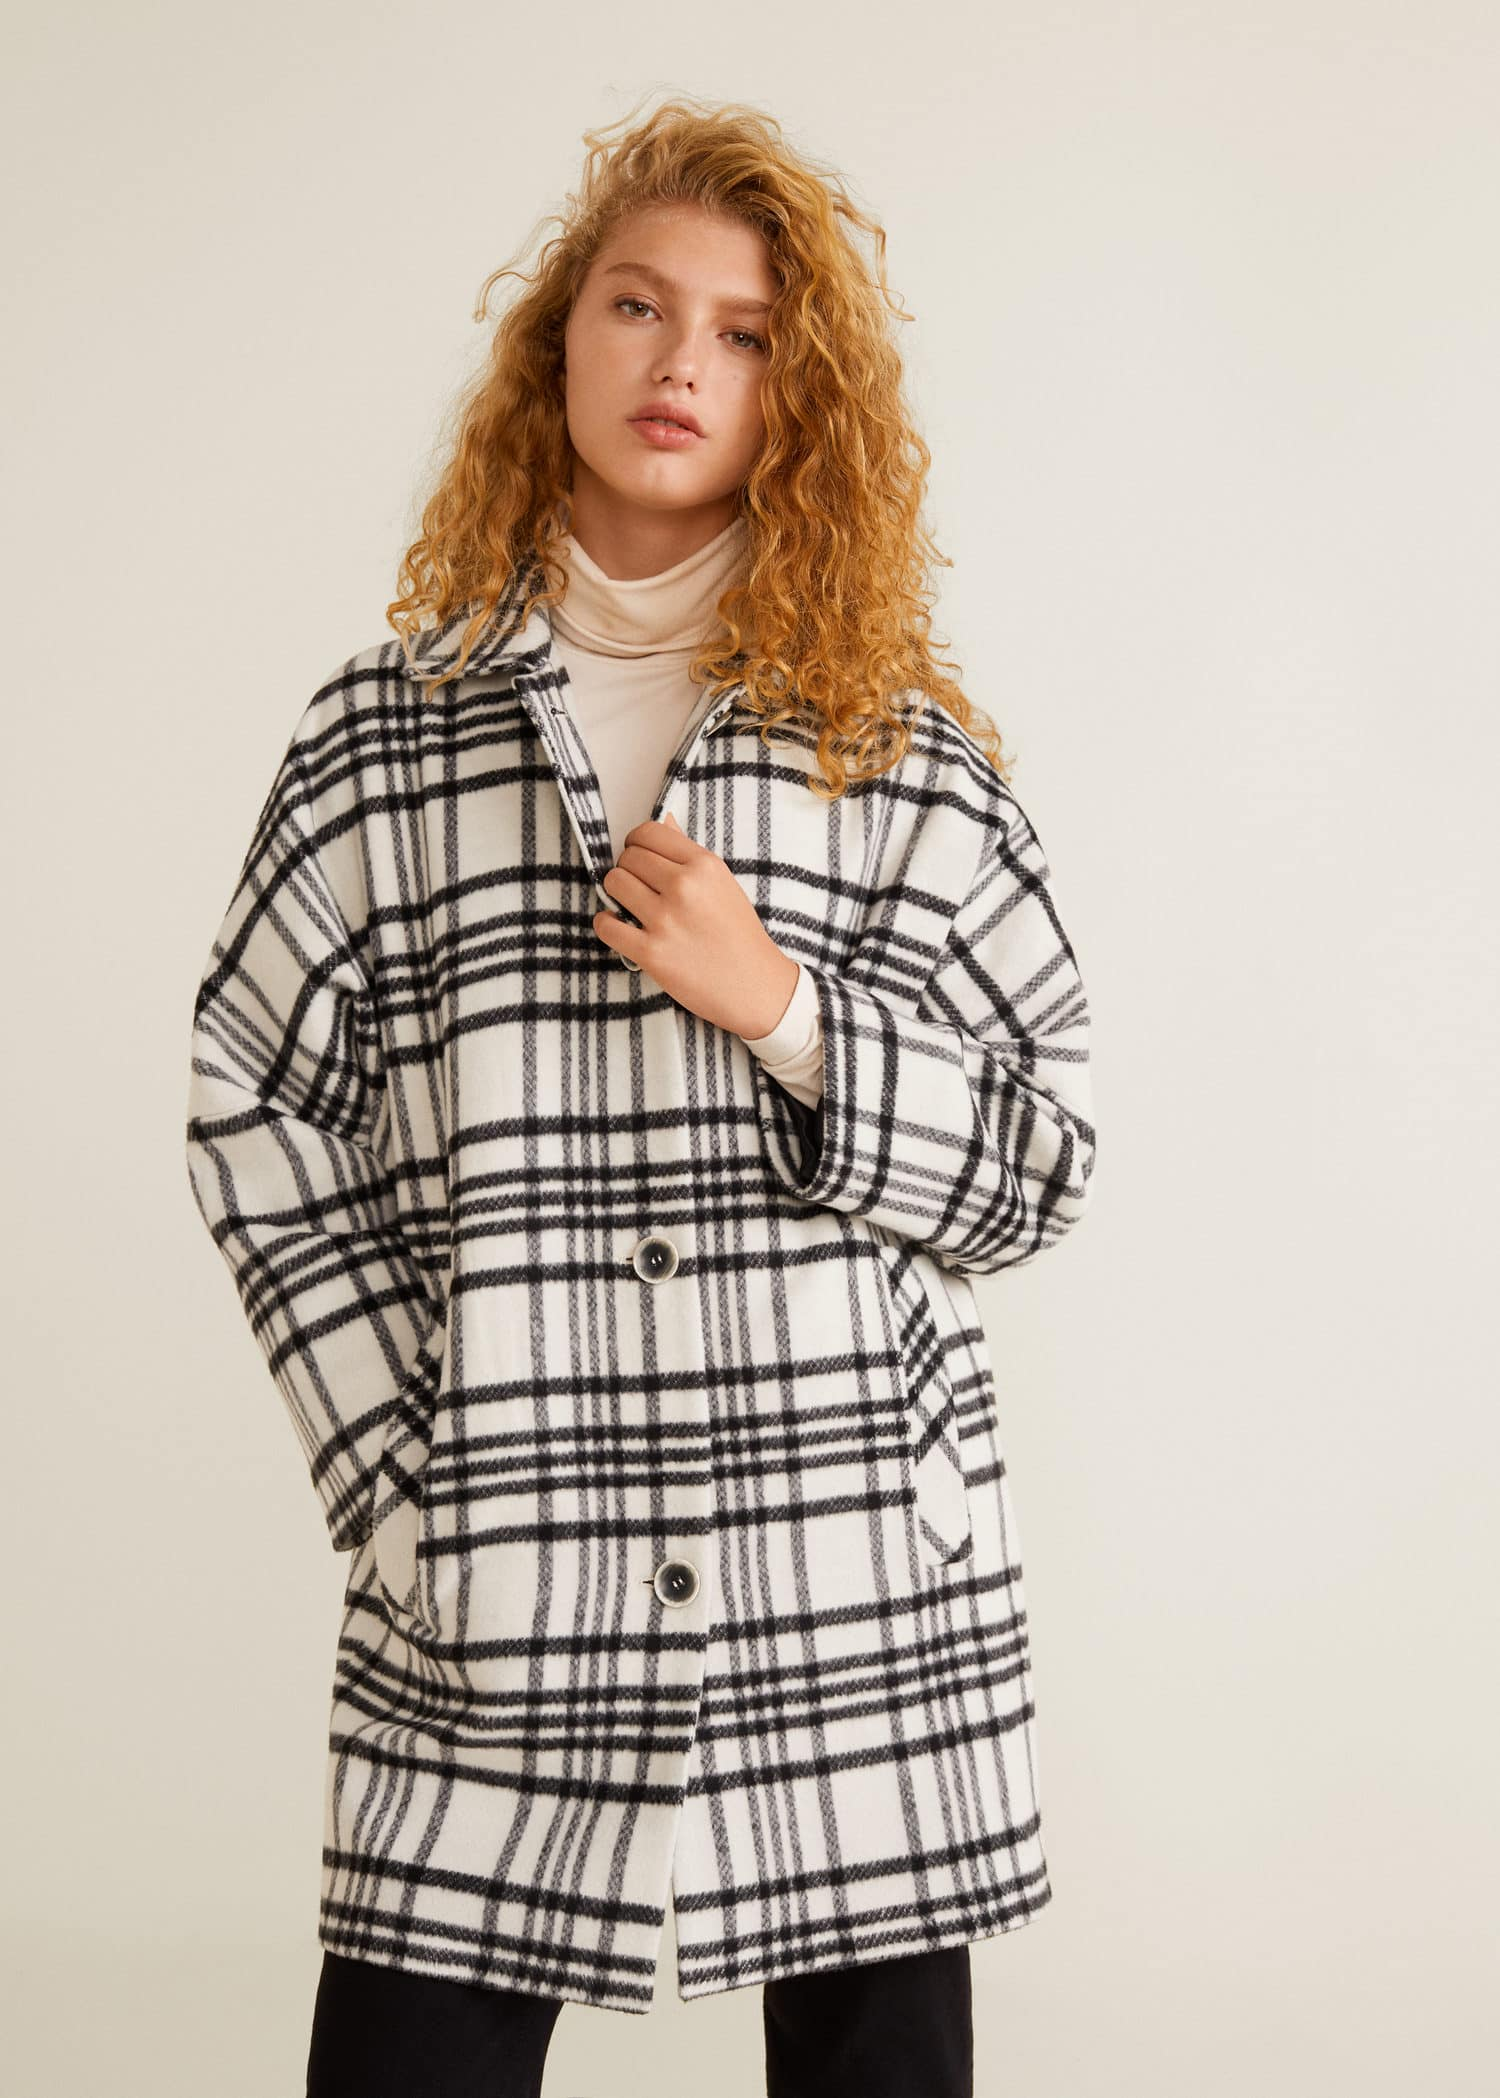 Vestidos de mujer mango 2019